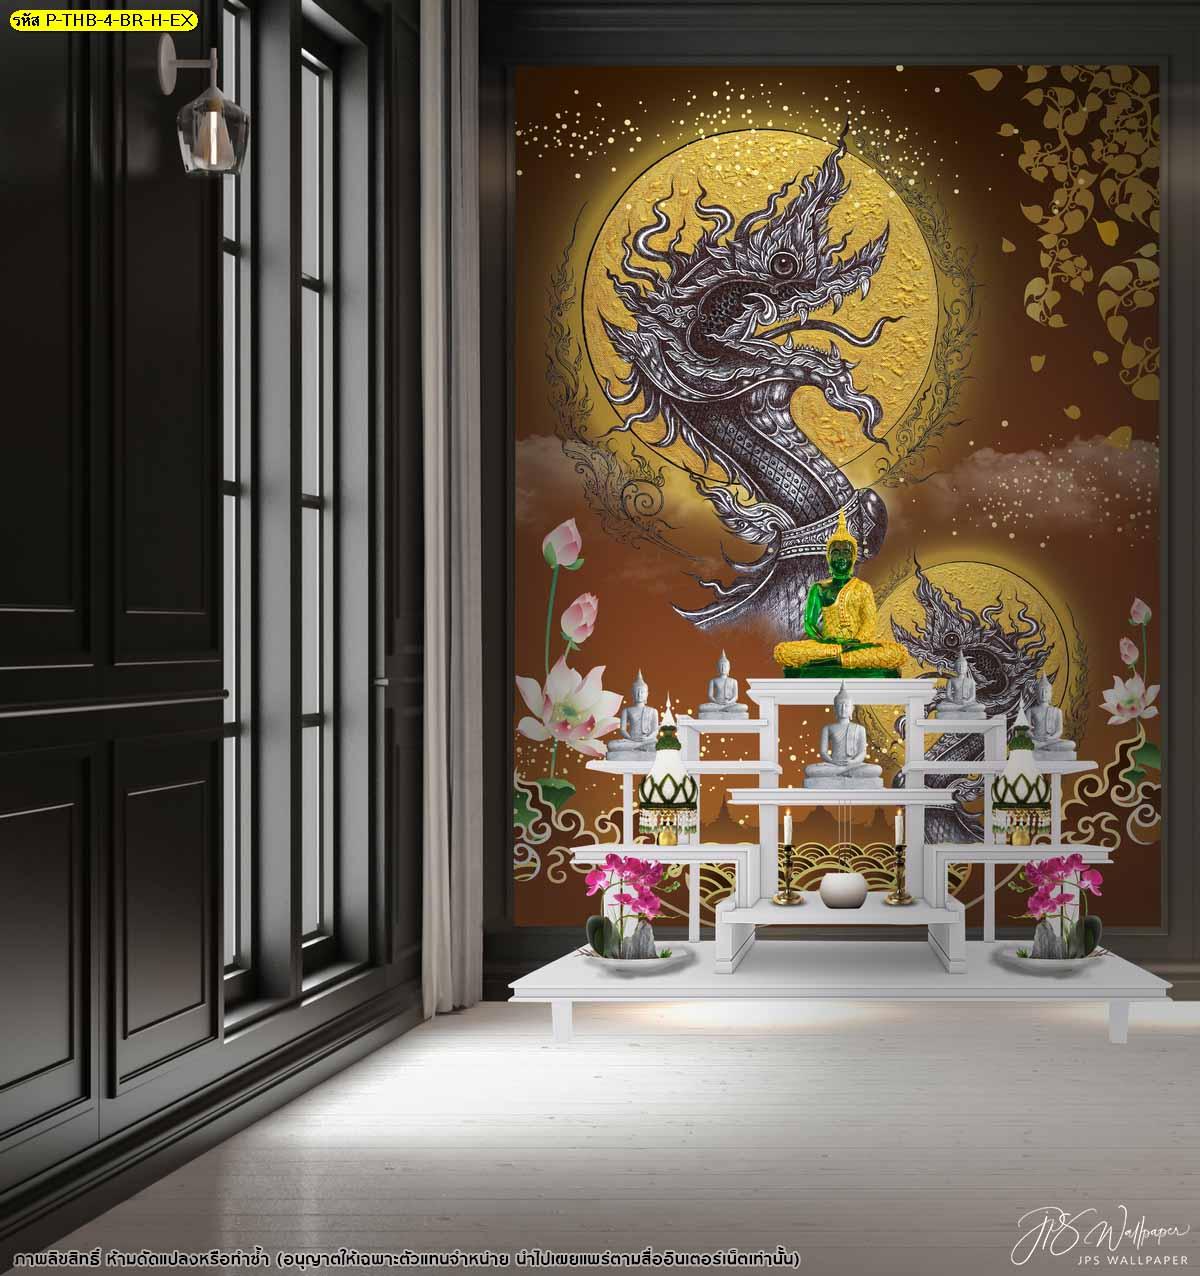 วอลเปเปอร์ลายไทยพญานาคคู่ประดับใบโพธิ์และดอกบัวพื้นหลังสีน้ำตาล ภาพพญานาคแนวตั้ง ภาพติดผนังห้องพระ